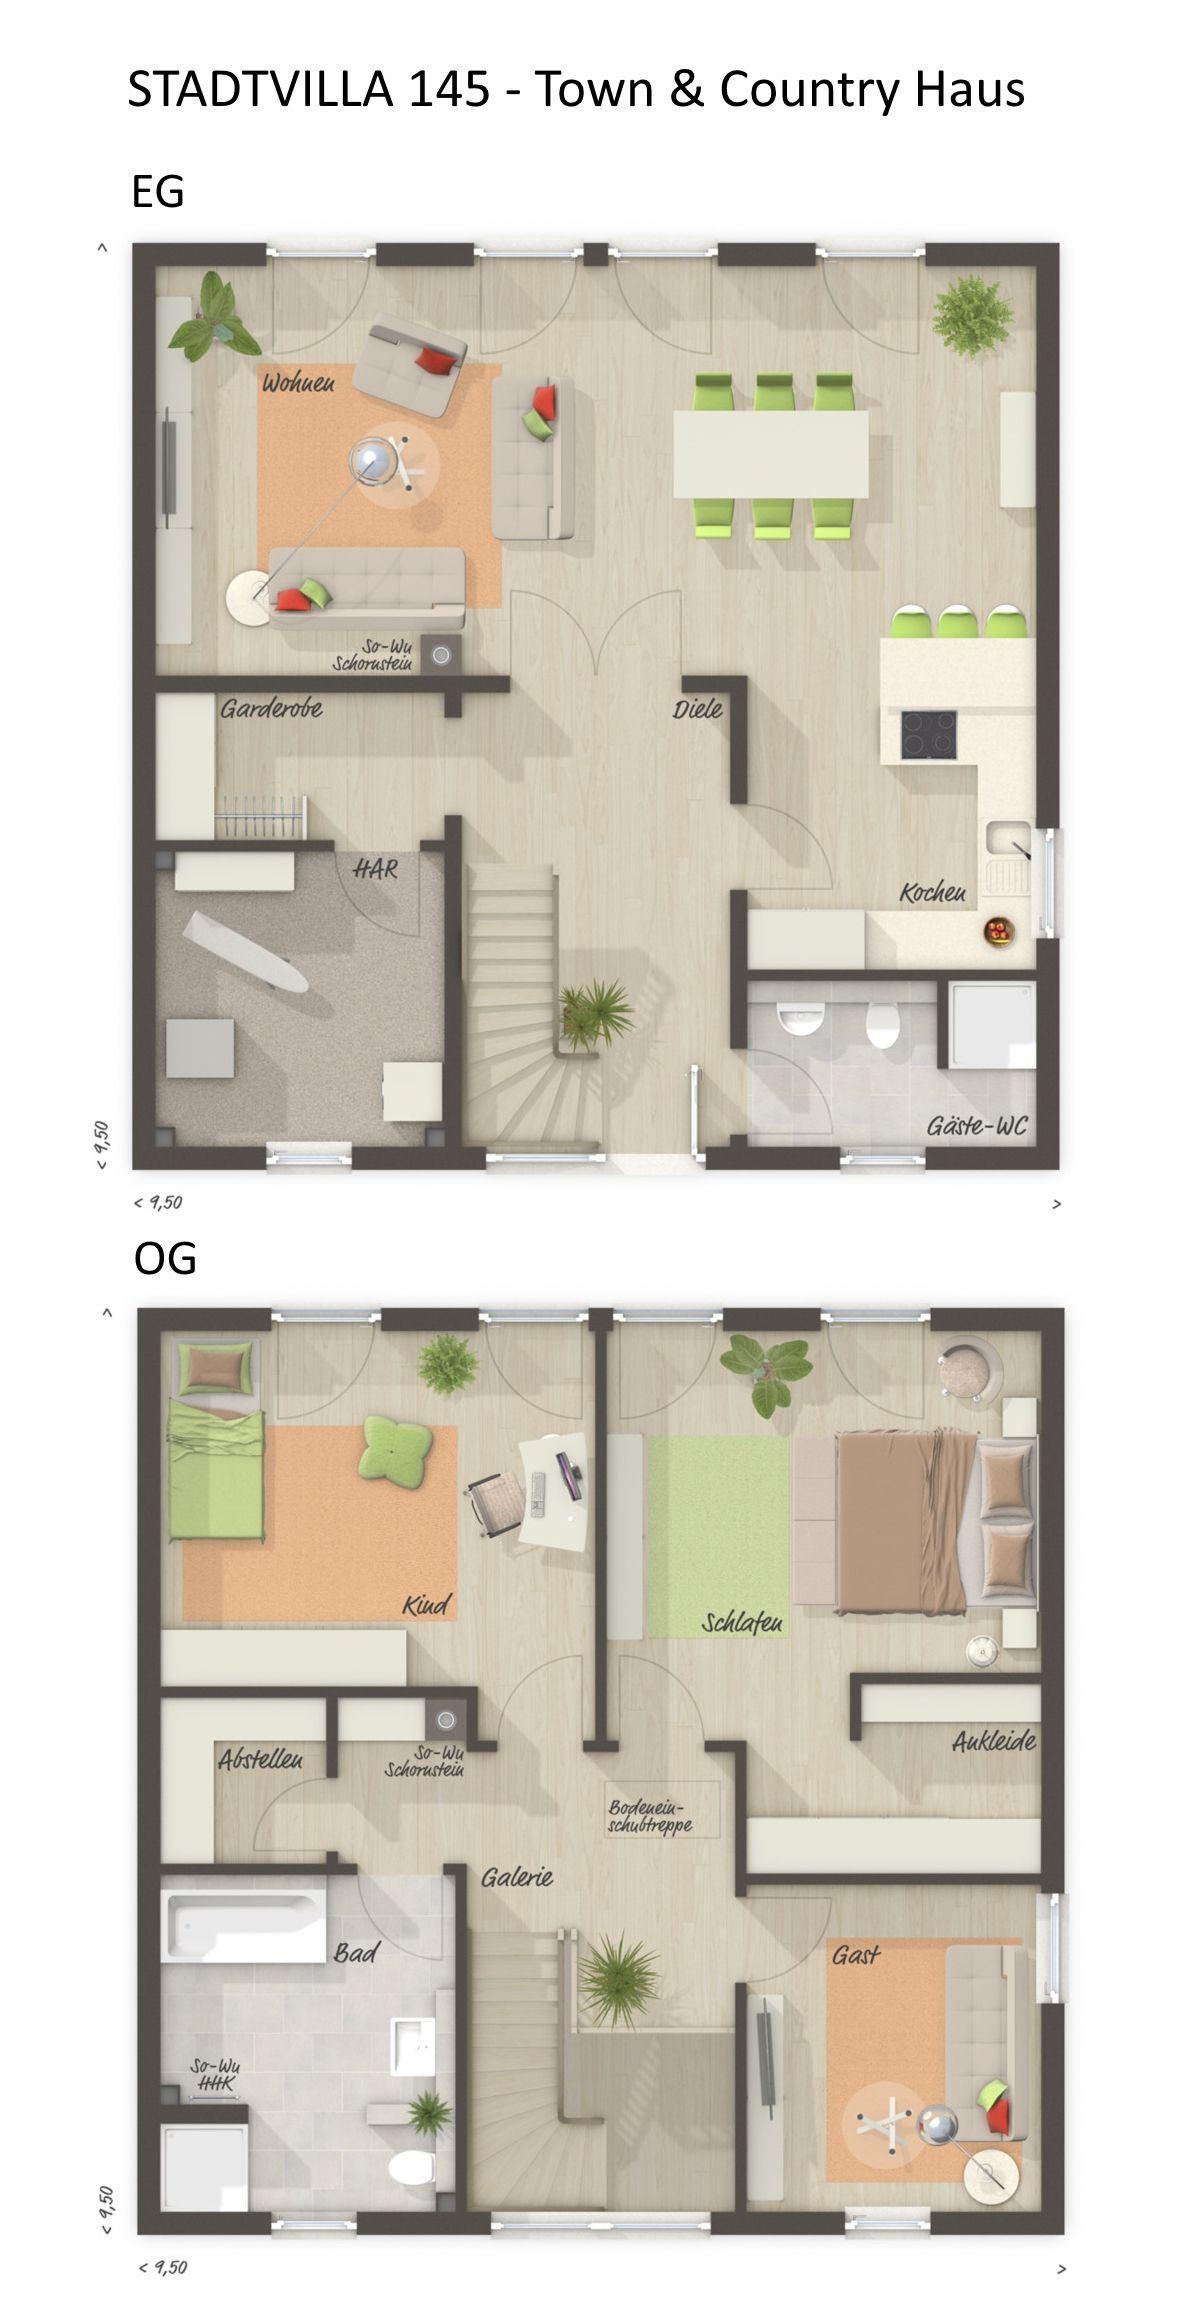 Stadtvilla Grundriss mit 144 m² Wohnfläche 4 Zimmer, 2